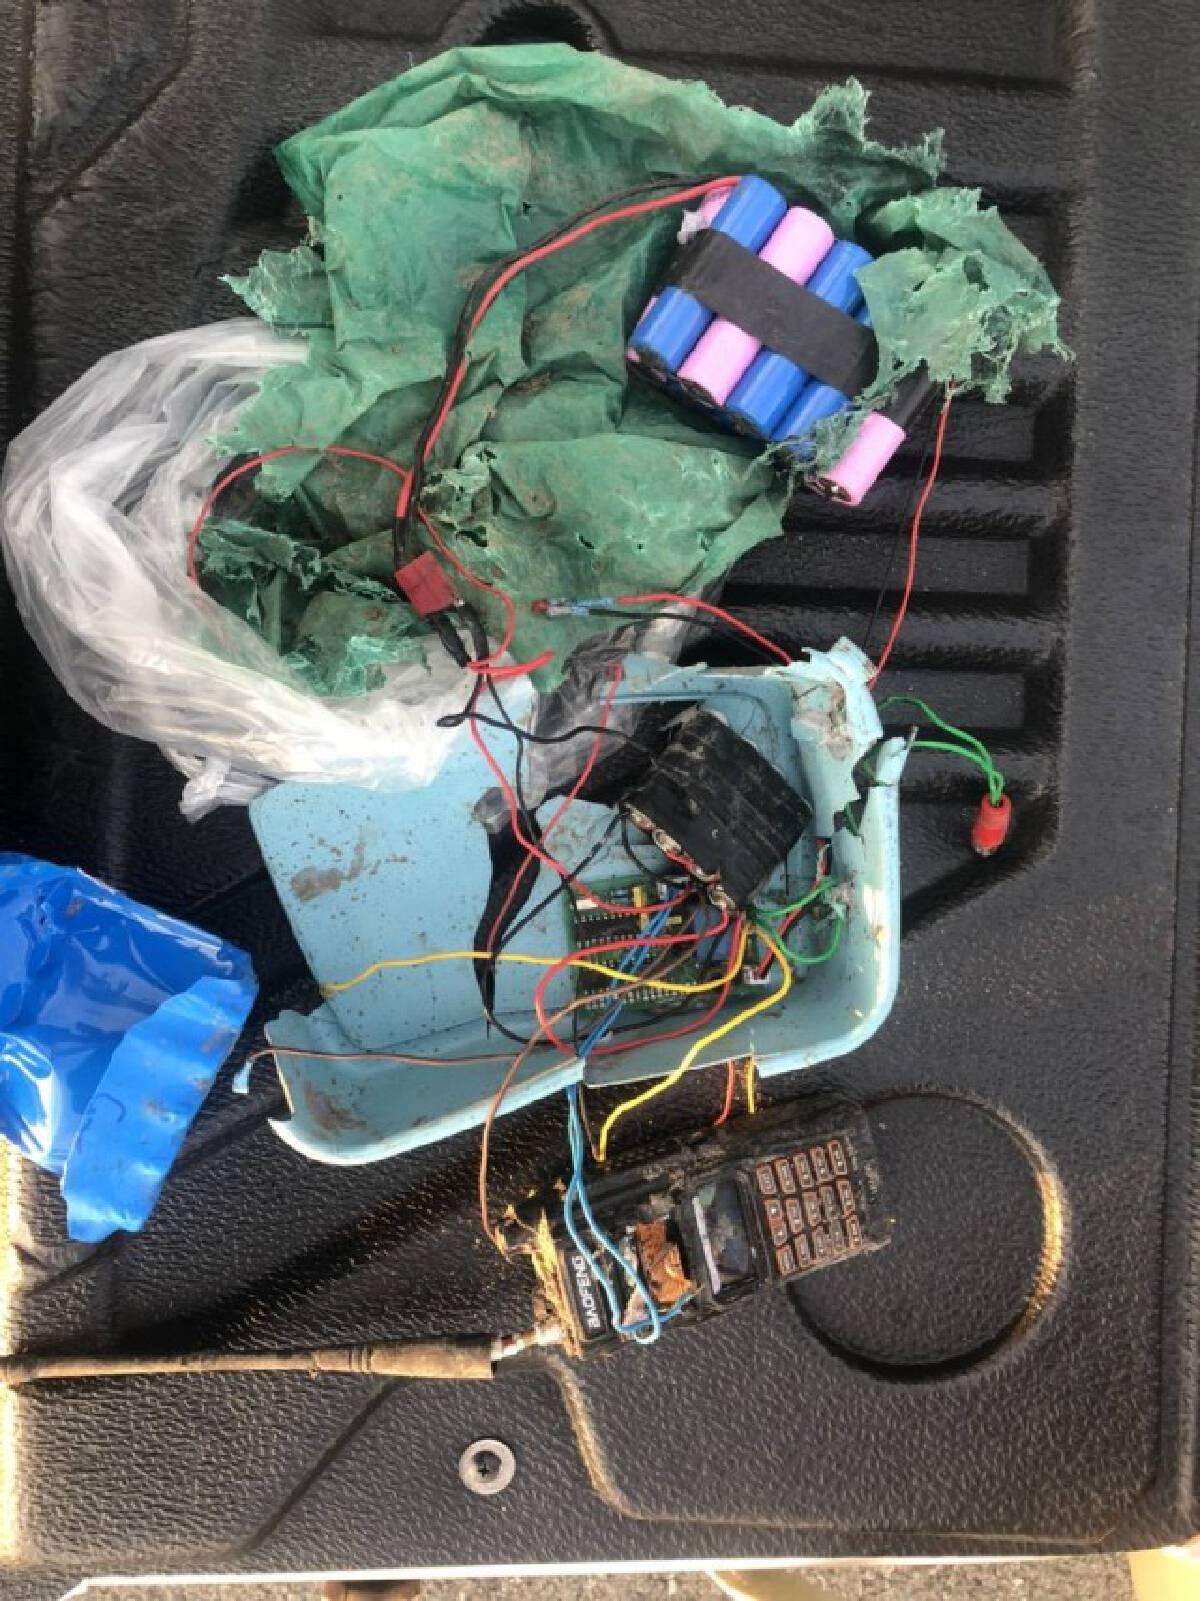 ป่วนใต้ซ้ำเติมโควิด วางระเบิด -เผารถยนต์ชาวบ้านเกาะสะท้อน